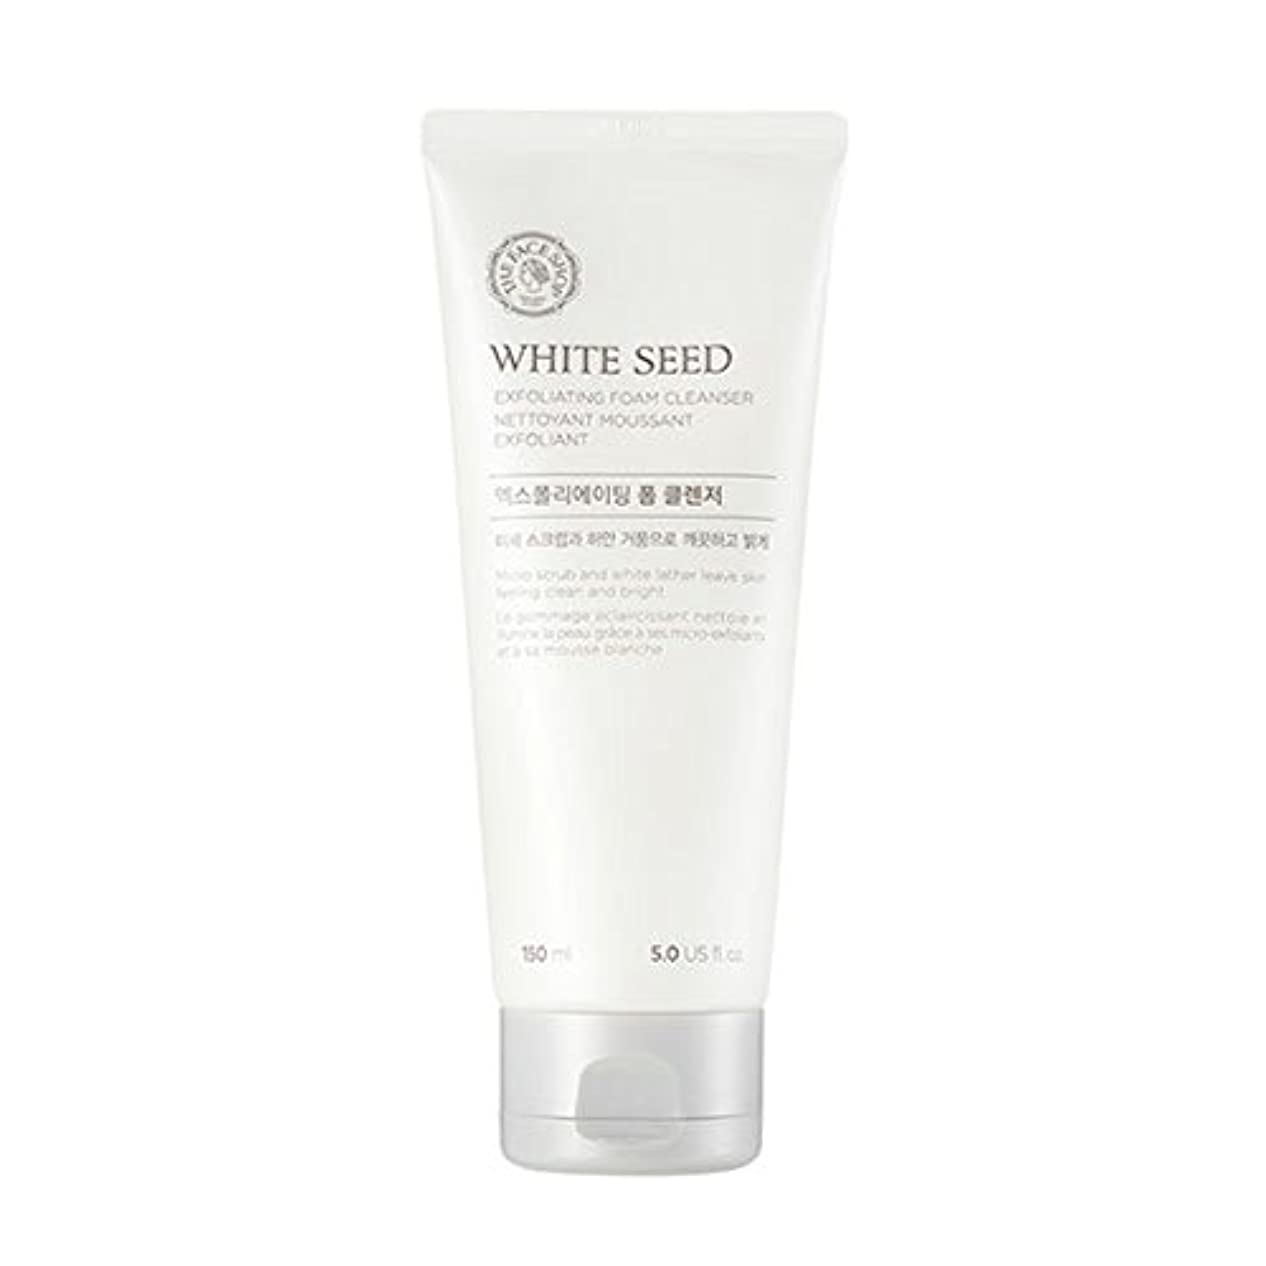 金額ツインに同意する[ザフェイスショップ] The Face Shop ホワイトシードエクスフォリエイティングクレンザー(150ml) The Face Shop White Seed Exfoliating Foam Cleanser(150ml...